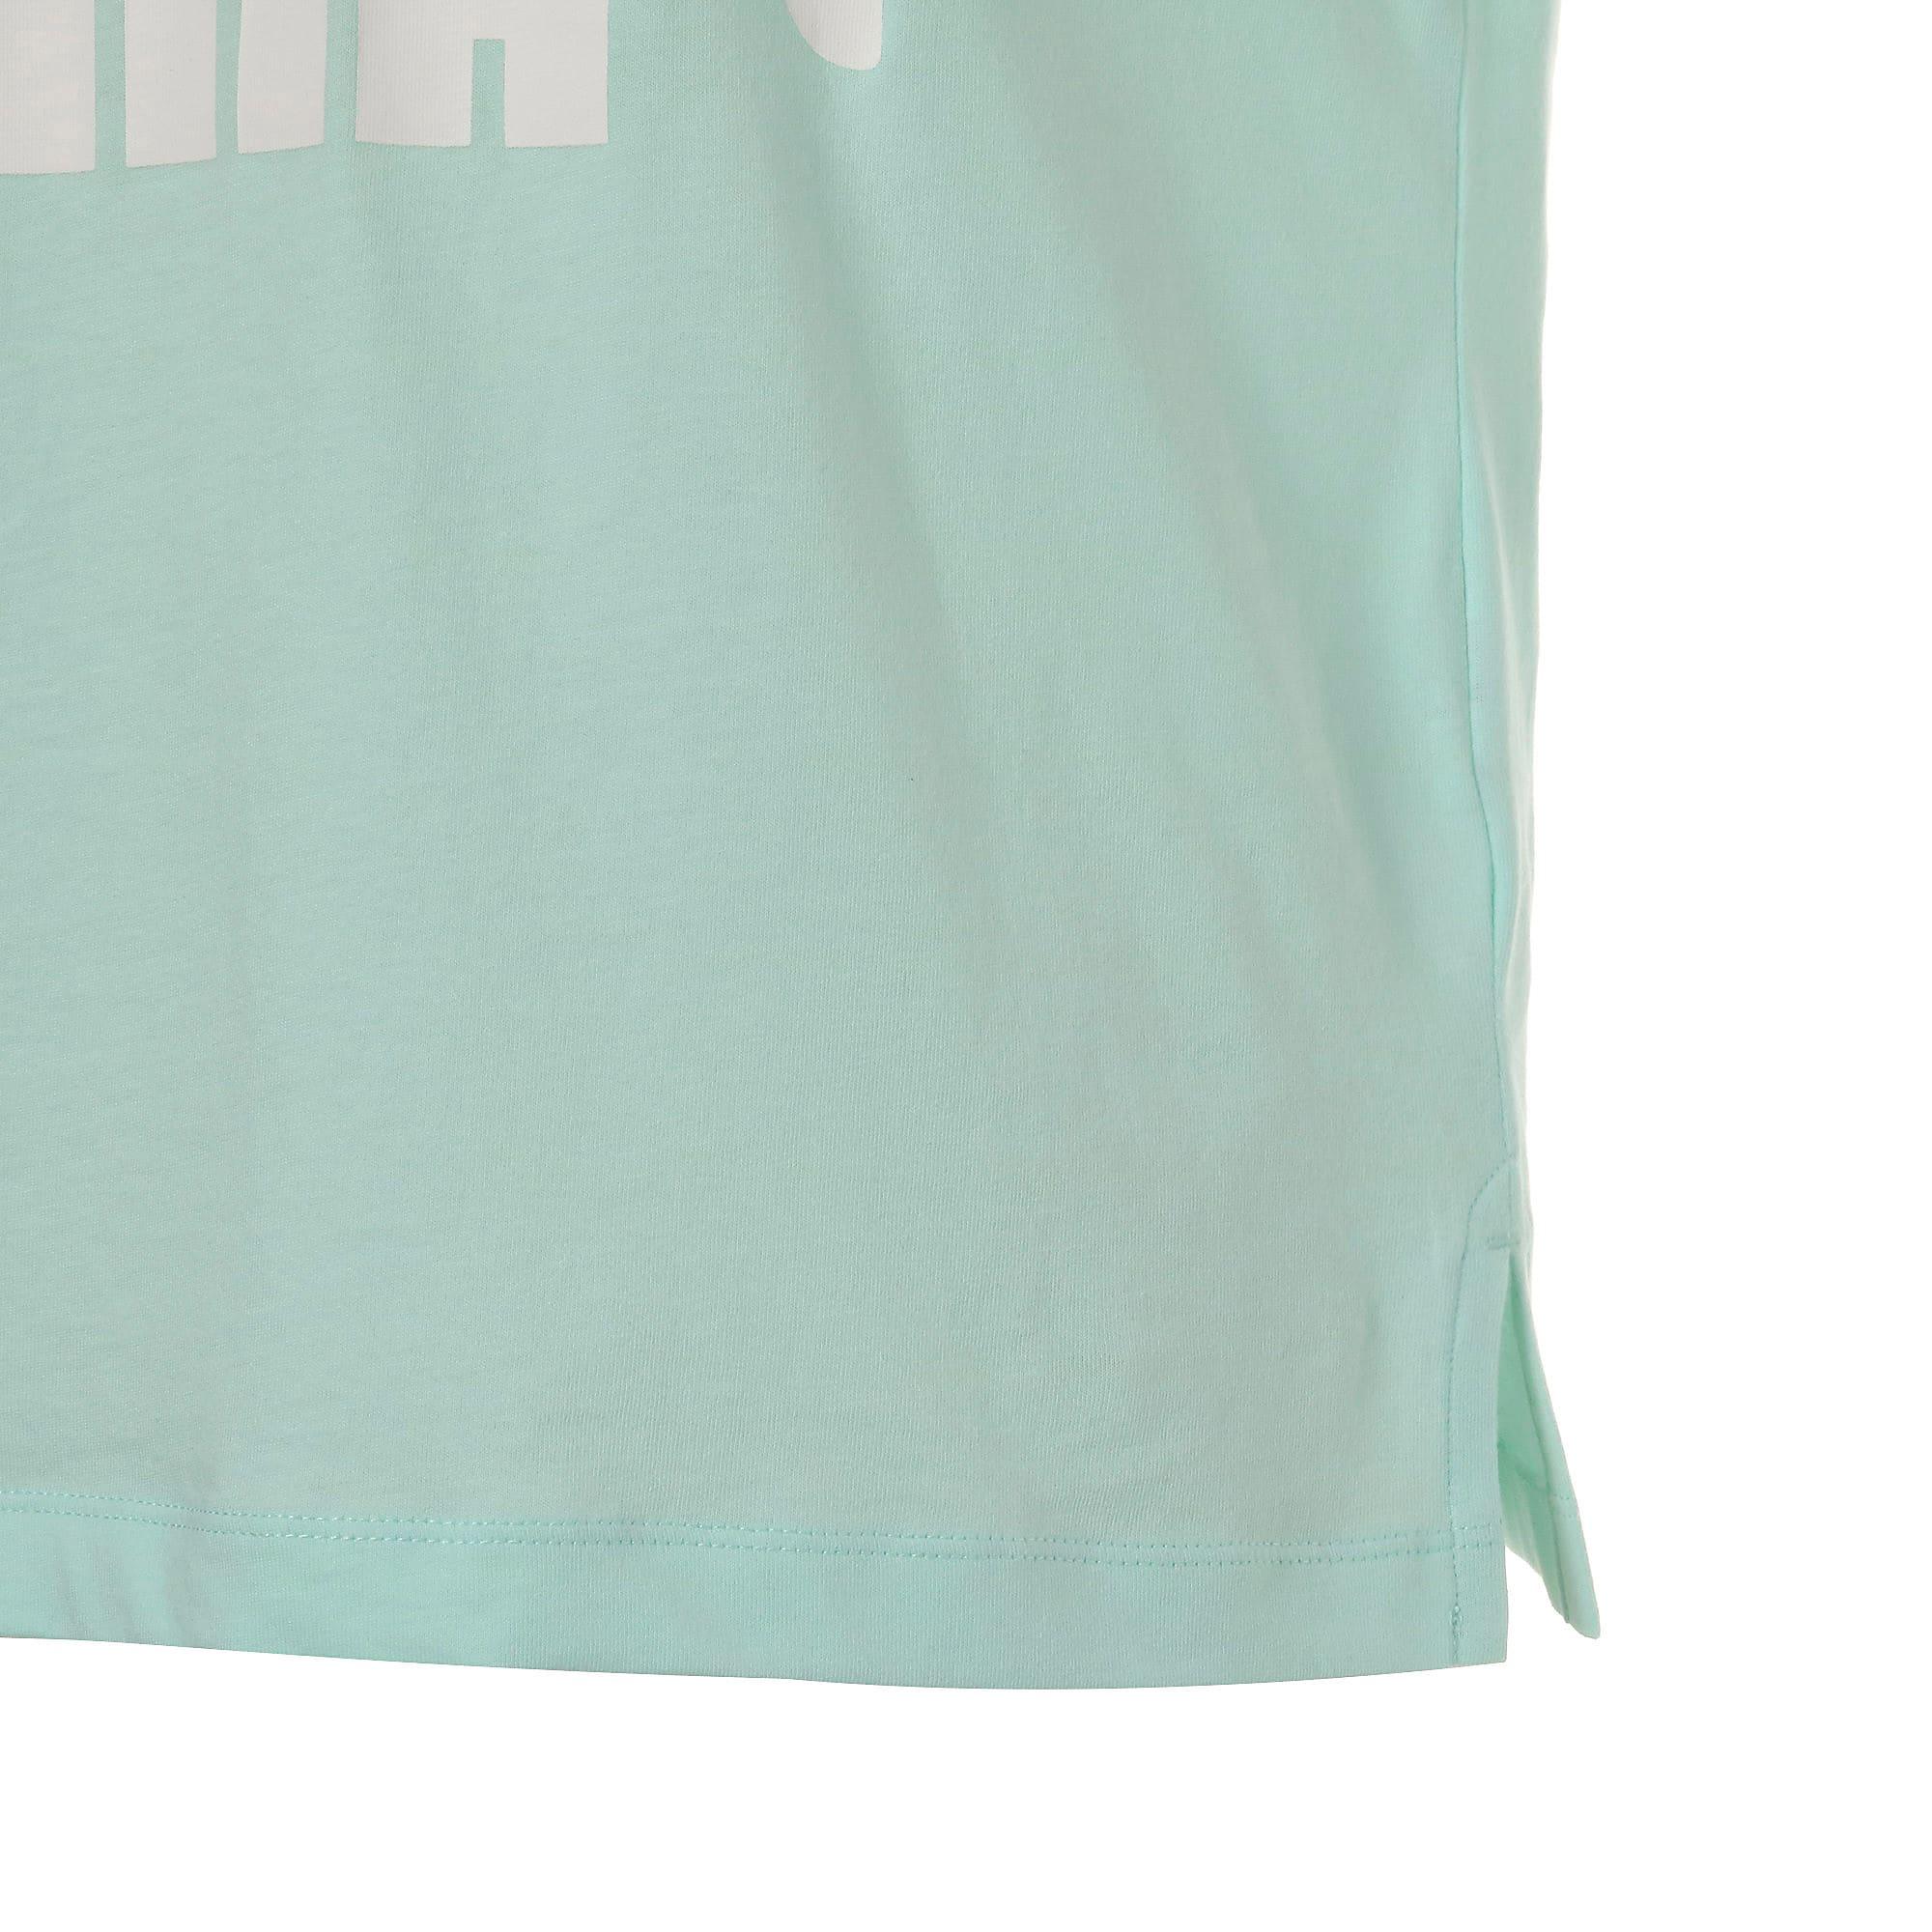 Thumbnail 8 of CLASSICS ロゴ ウィメンズ SS Tシャツ 半袖, Fair Aqua, medium-JPN